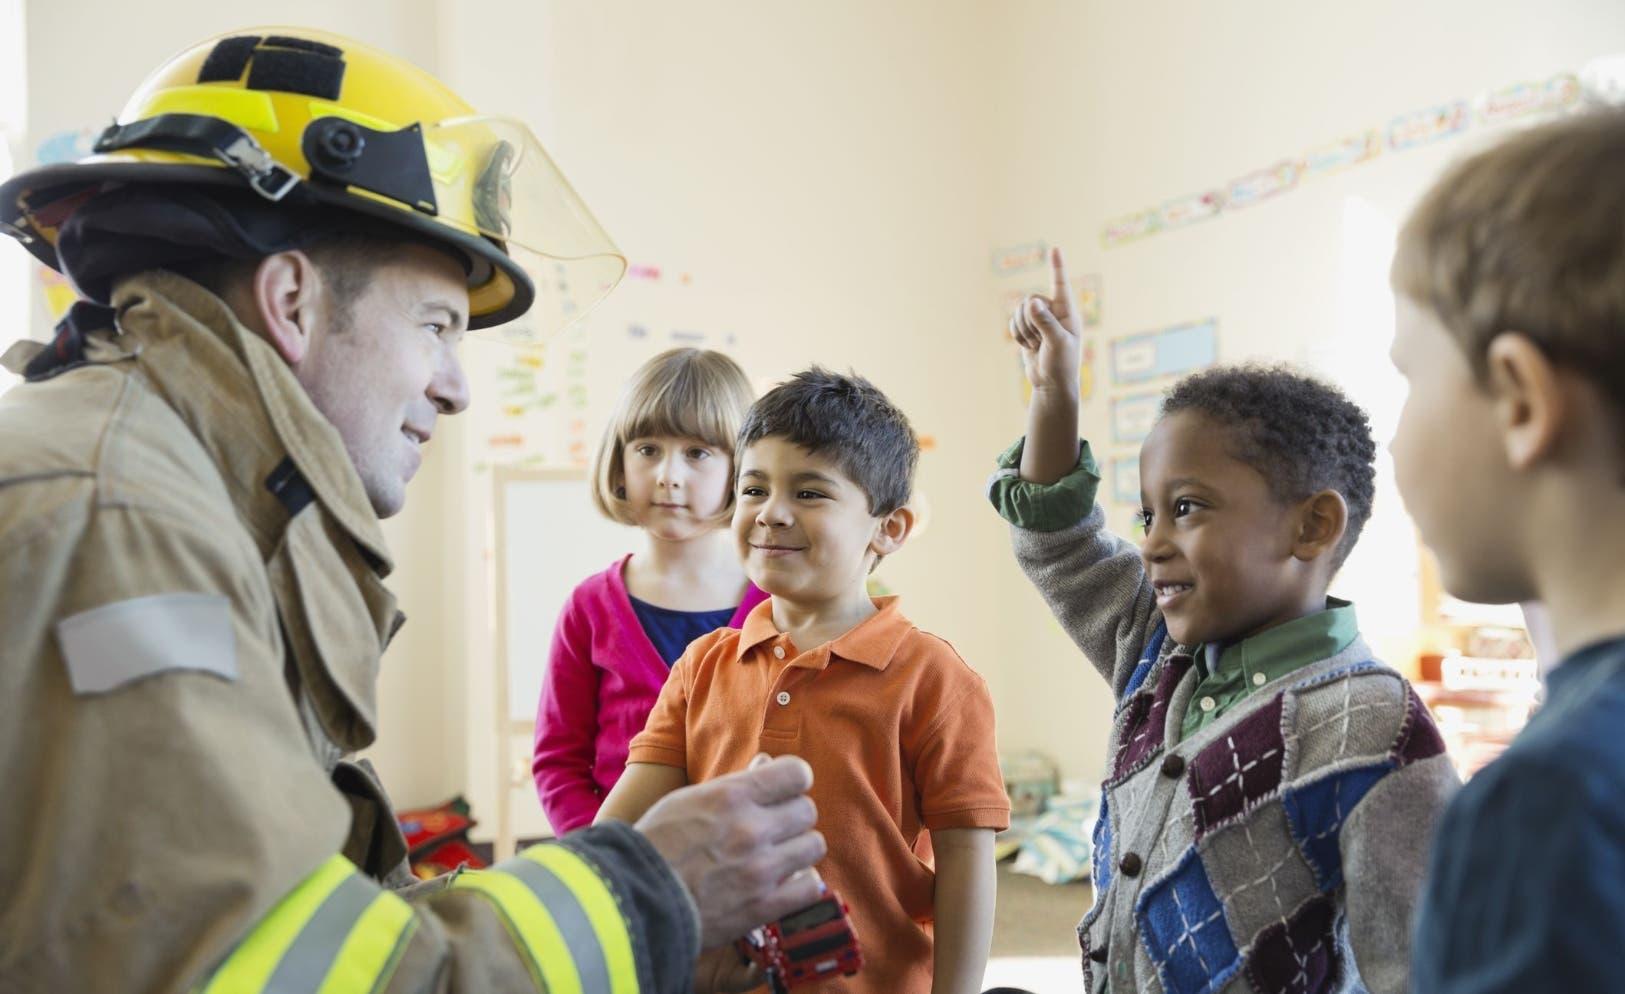 Los simulacros de incendio son útiles y   factibles, pueden llevarse a los planteles estudiantiles aunque sea mensualmente.